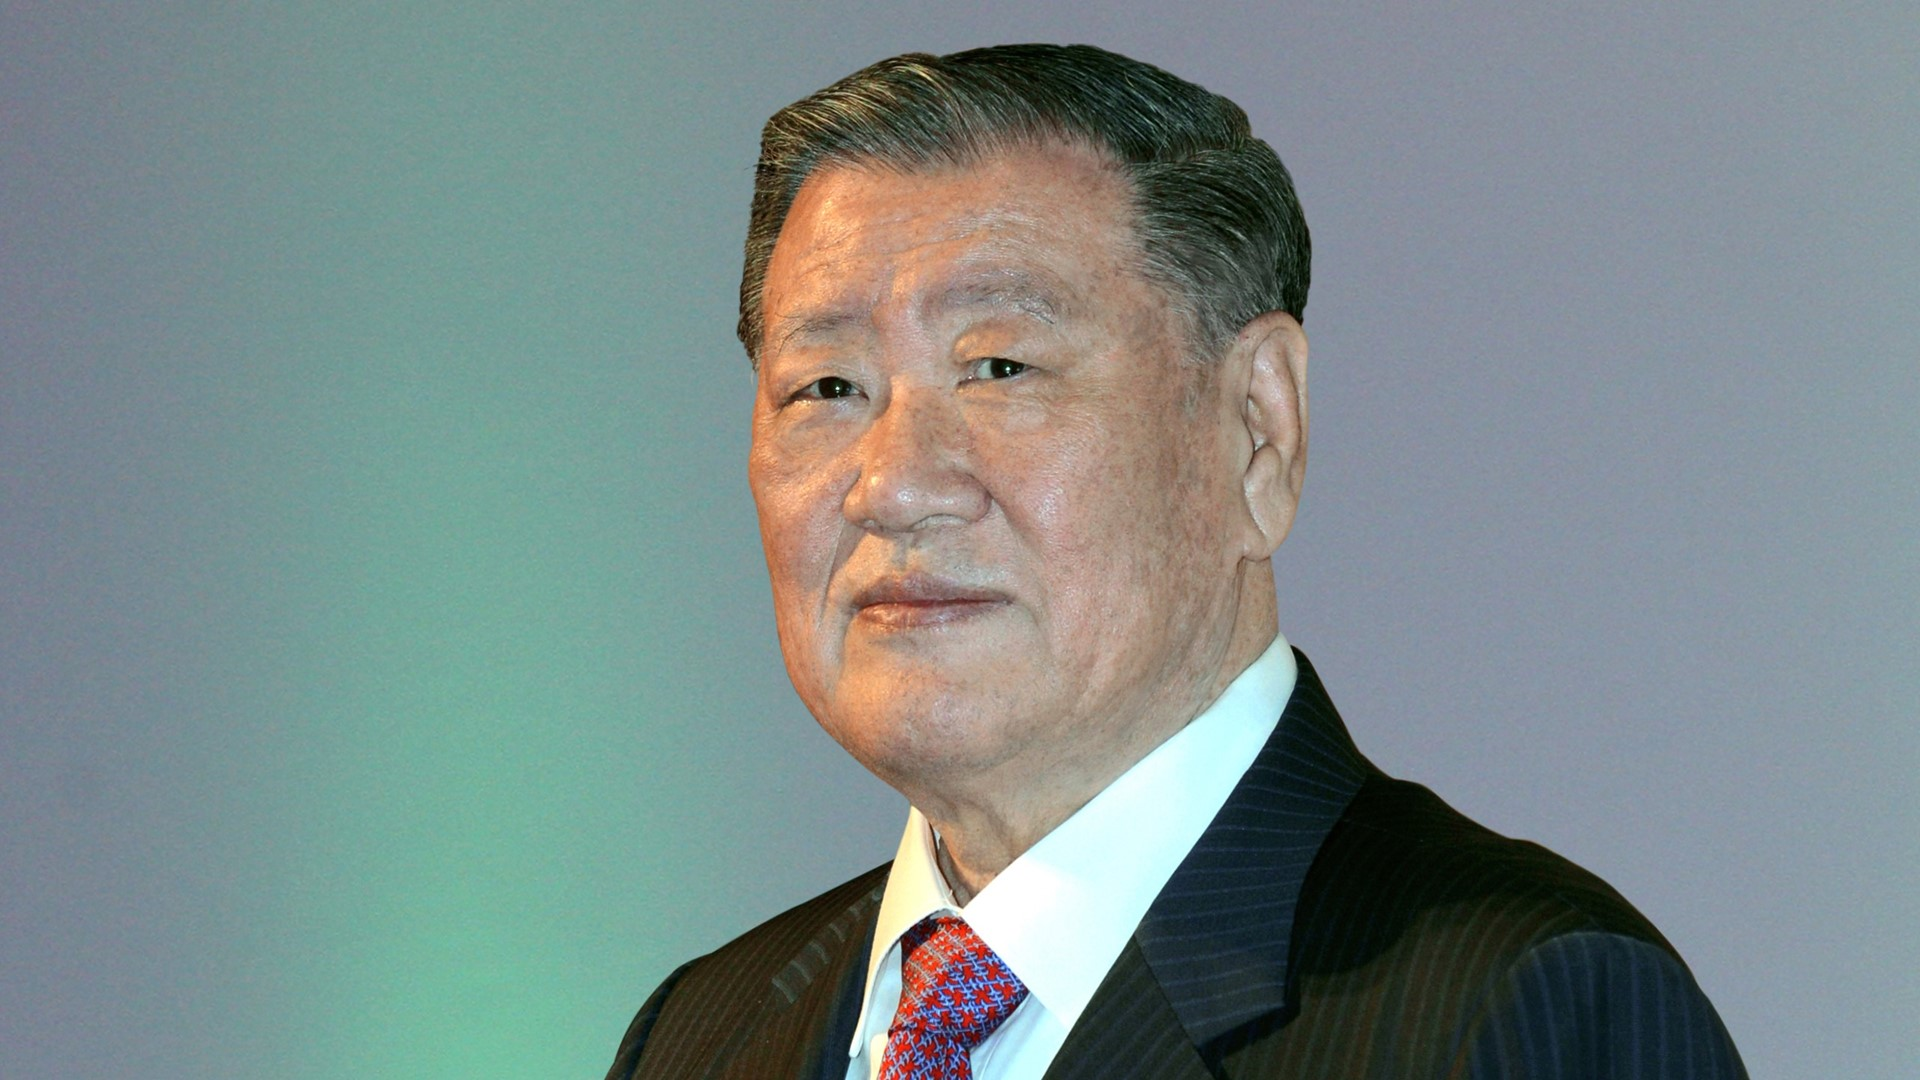 Hyundai Motor Group Chairman Mong-Koo Chung